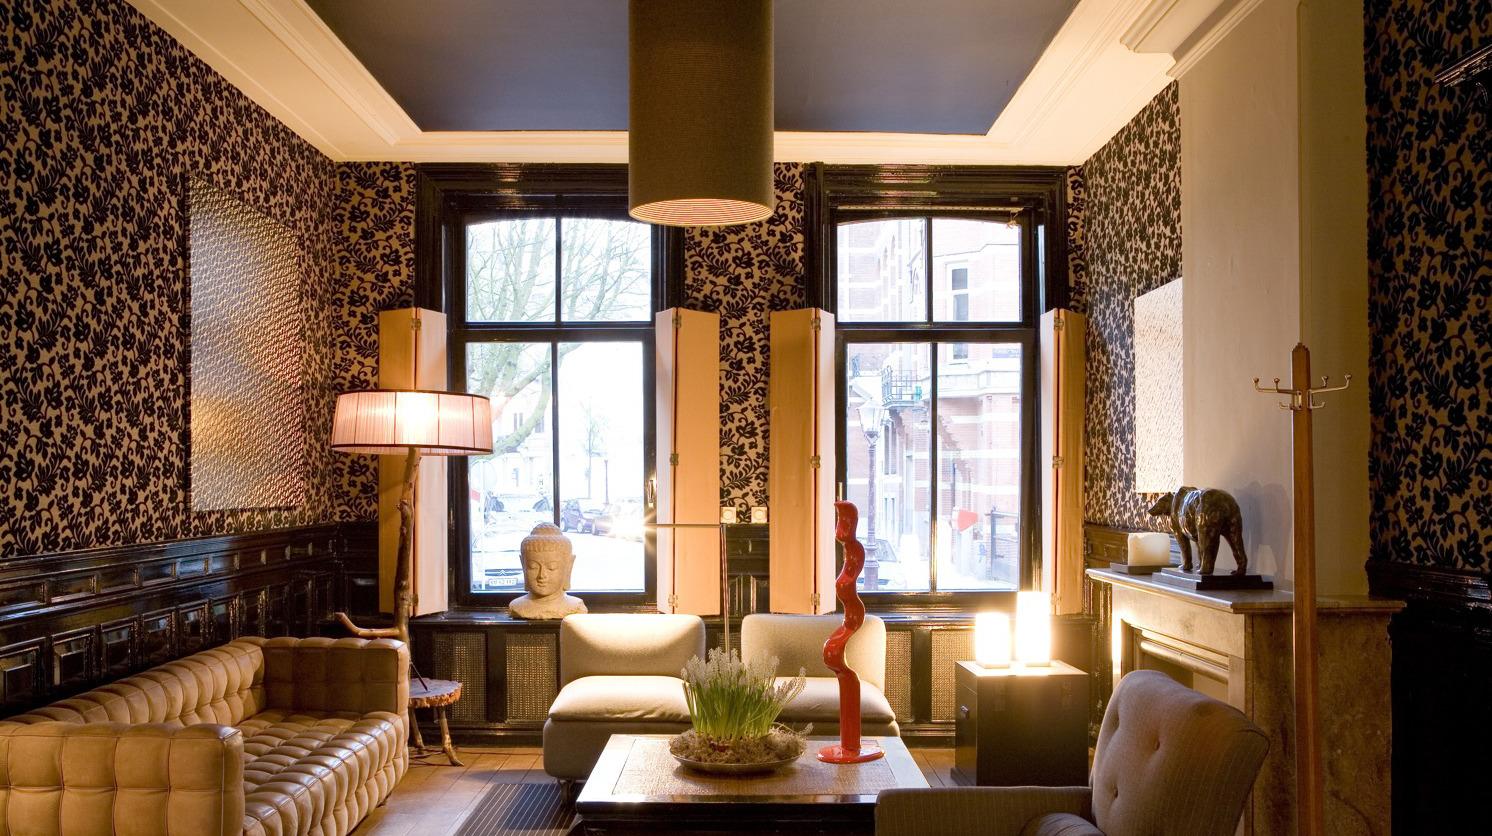 Hotel Vondel, Hotels, Amsterdam